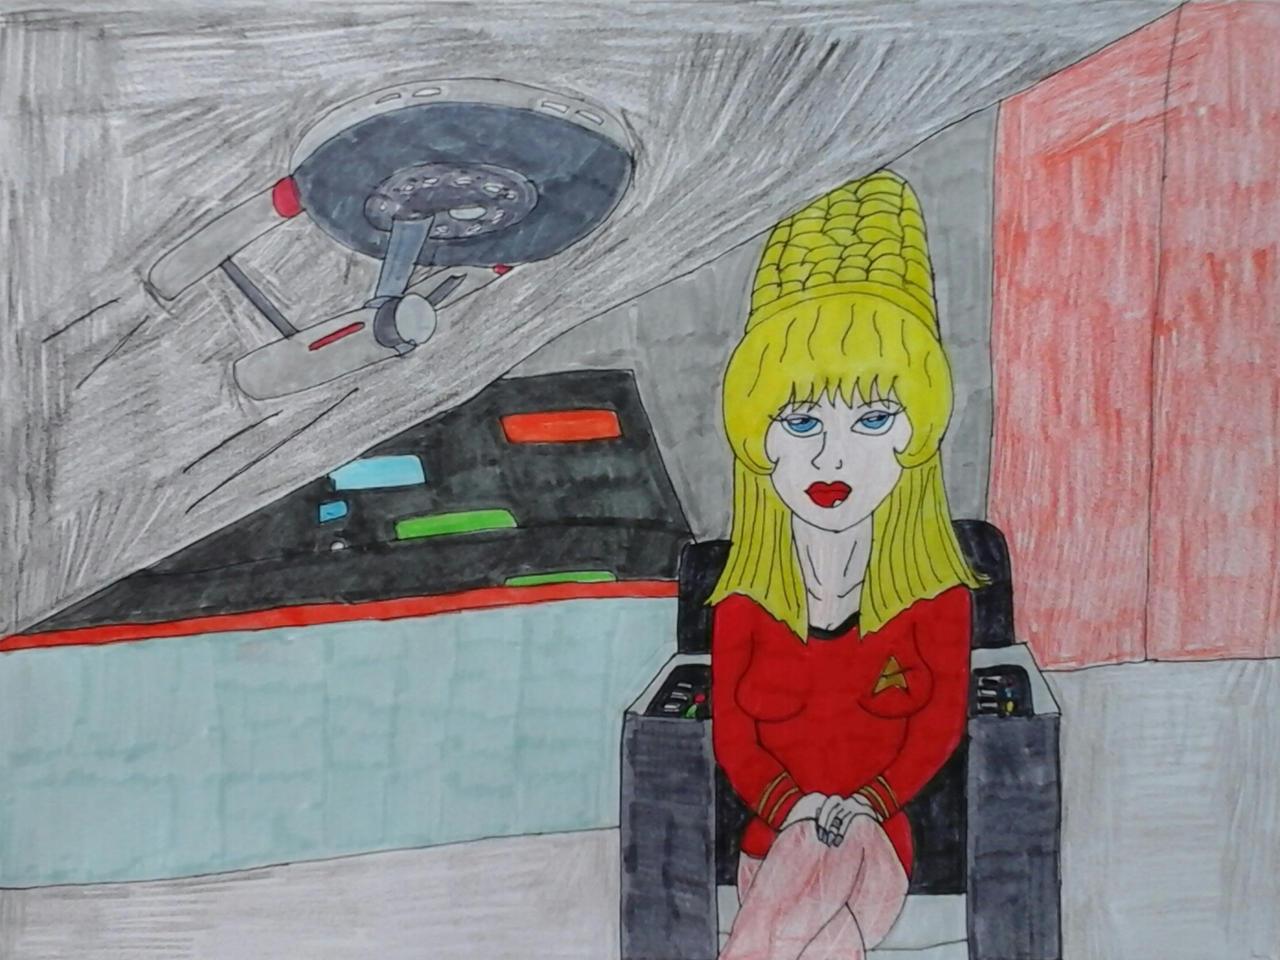 Captain Janice Kirk